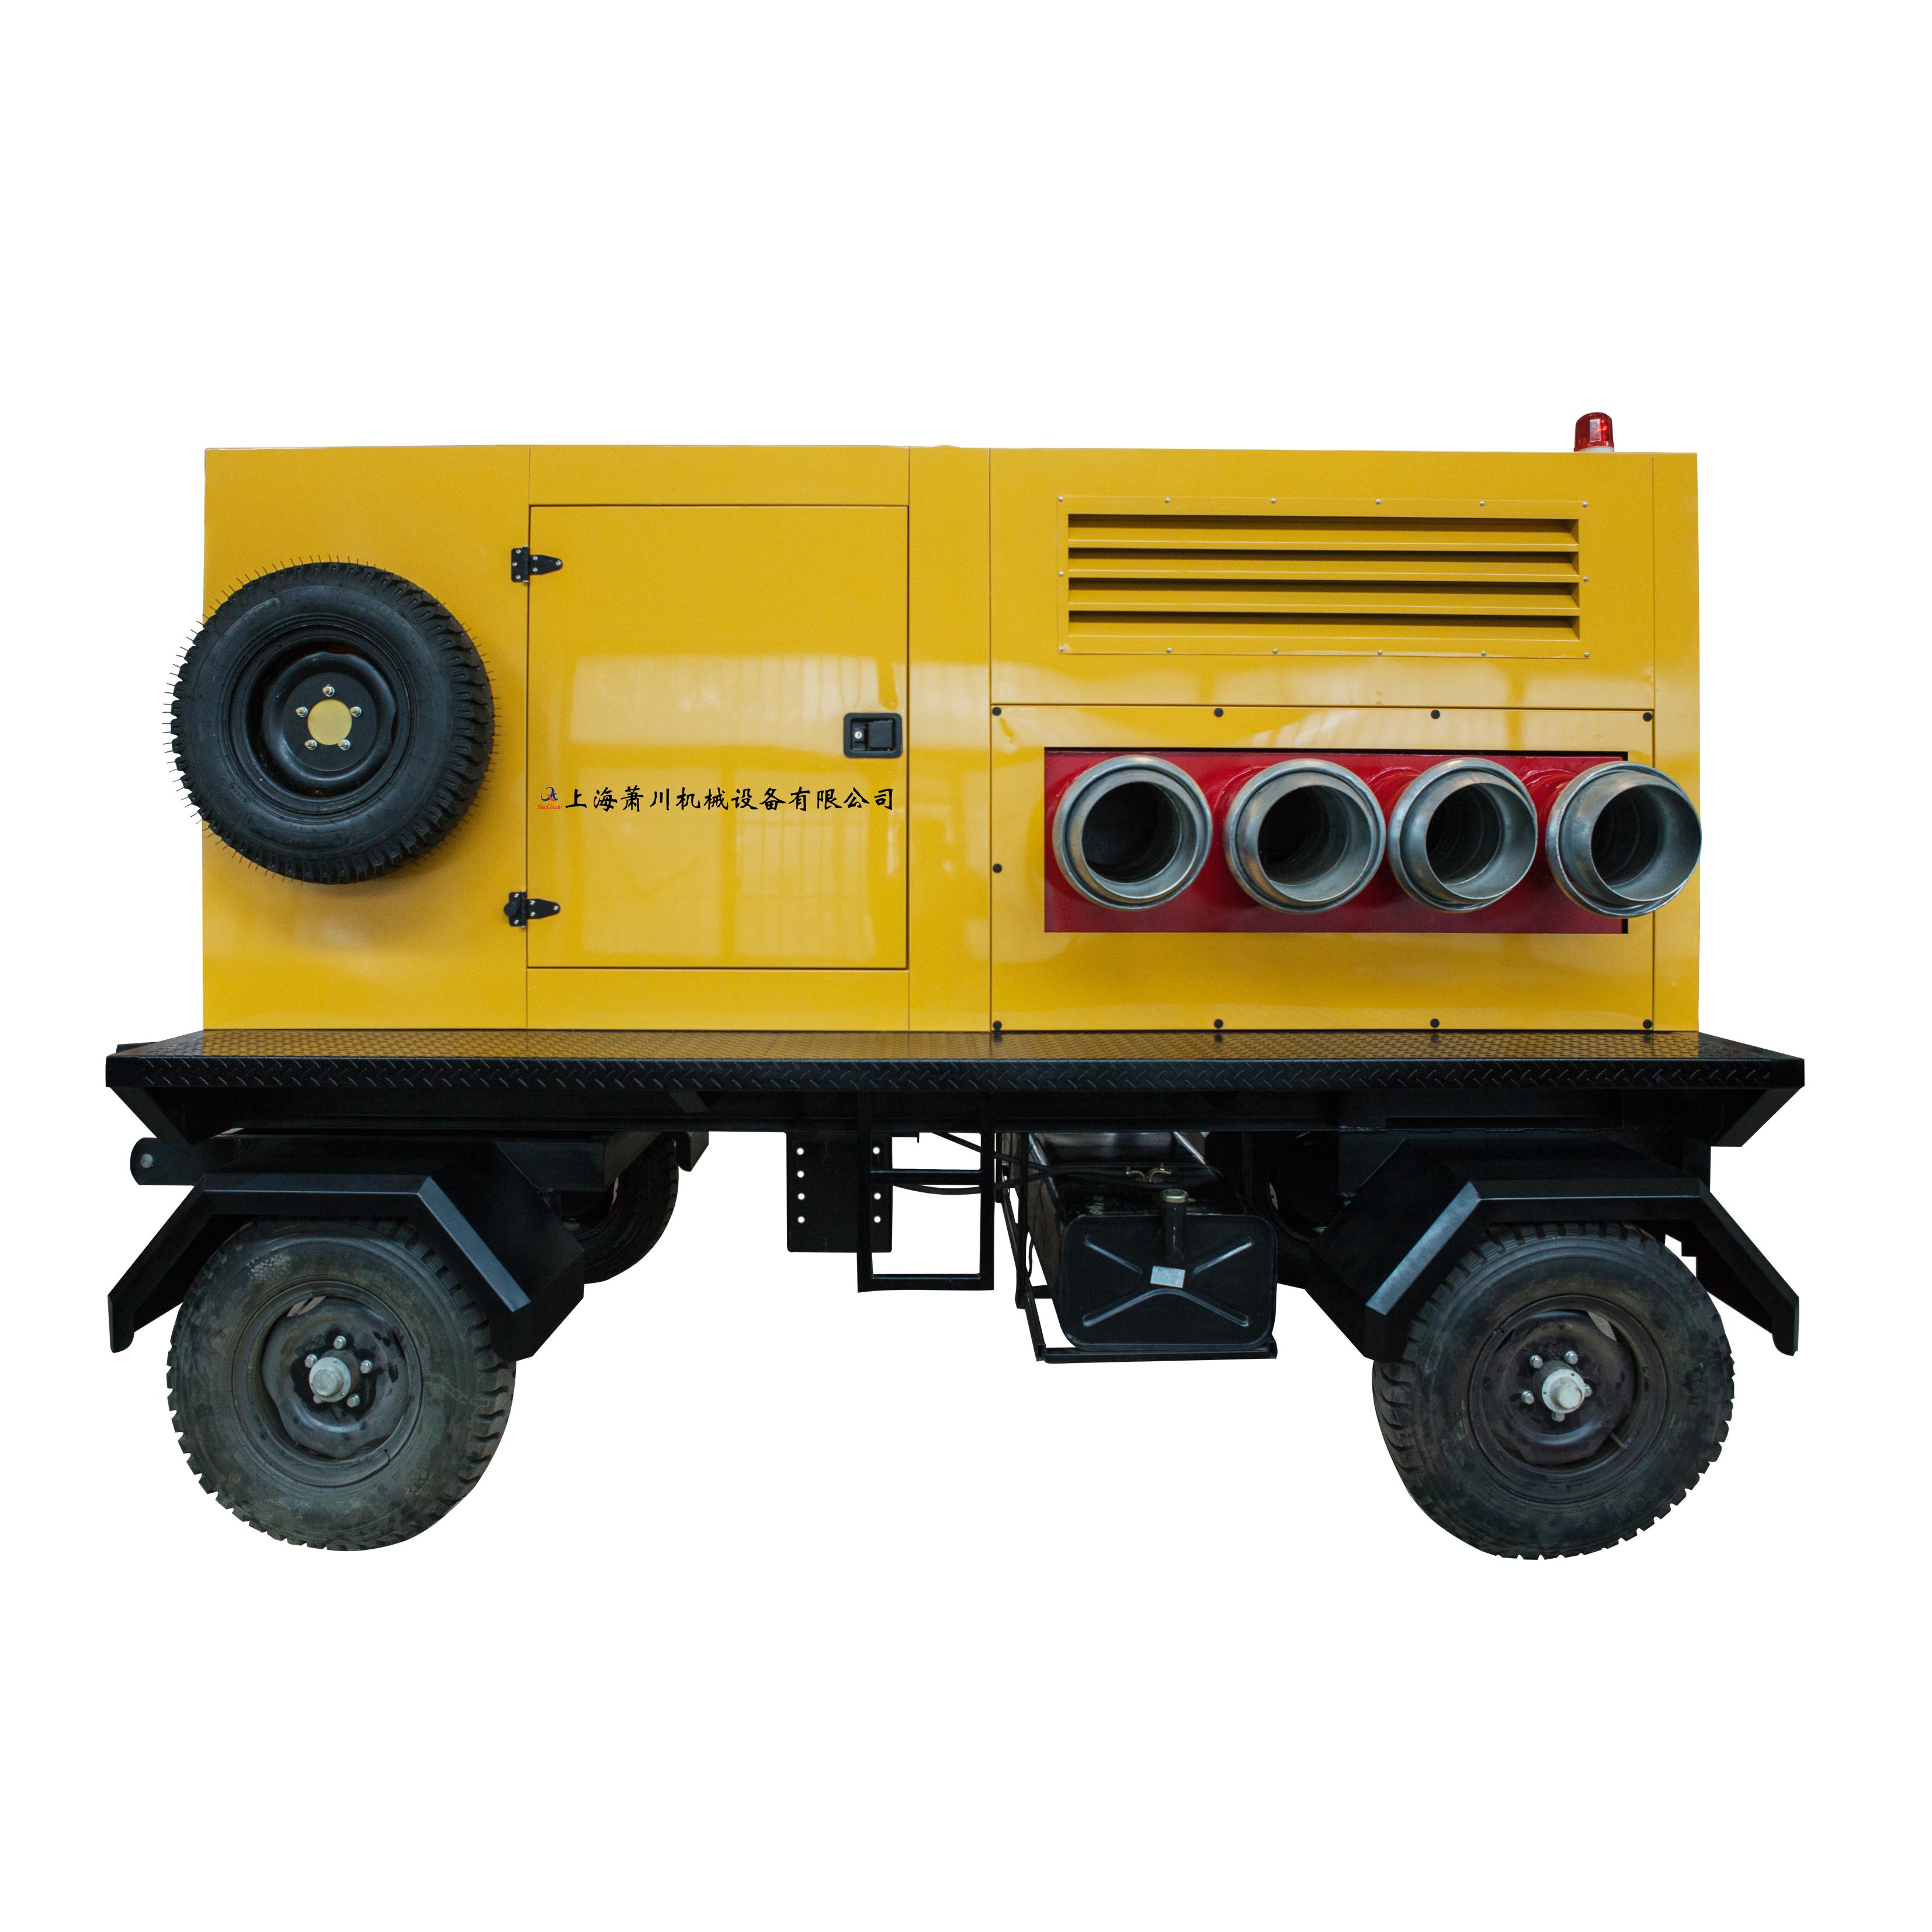 应急抢险移动泵车4.11.jpg